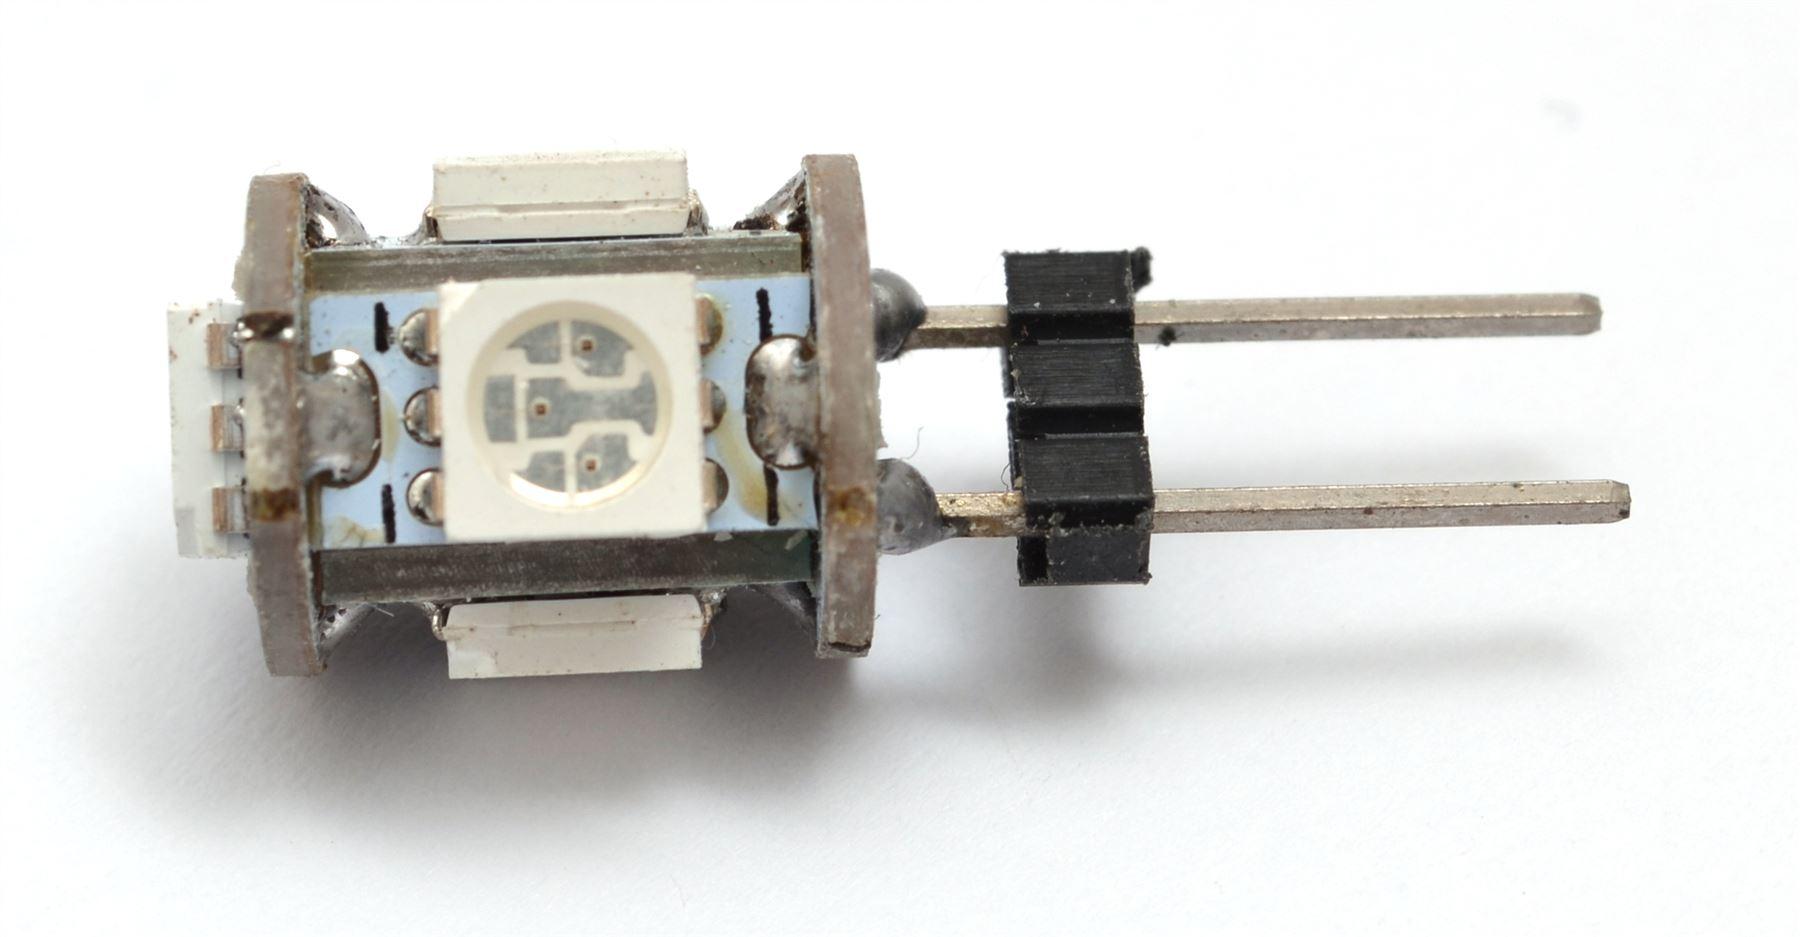 G4-LED-AC-DC-12V-220V-COB-Light-Bulb-Lamp-Car-Boat-Caravan-Direct-Halogen-Rep miniatuur 4